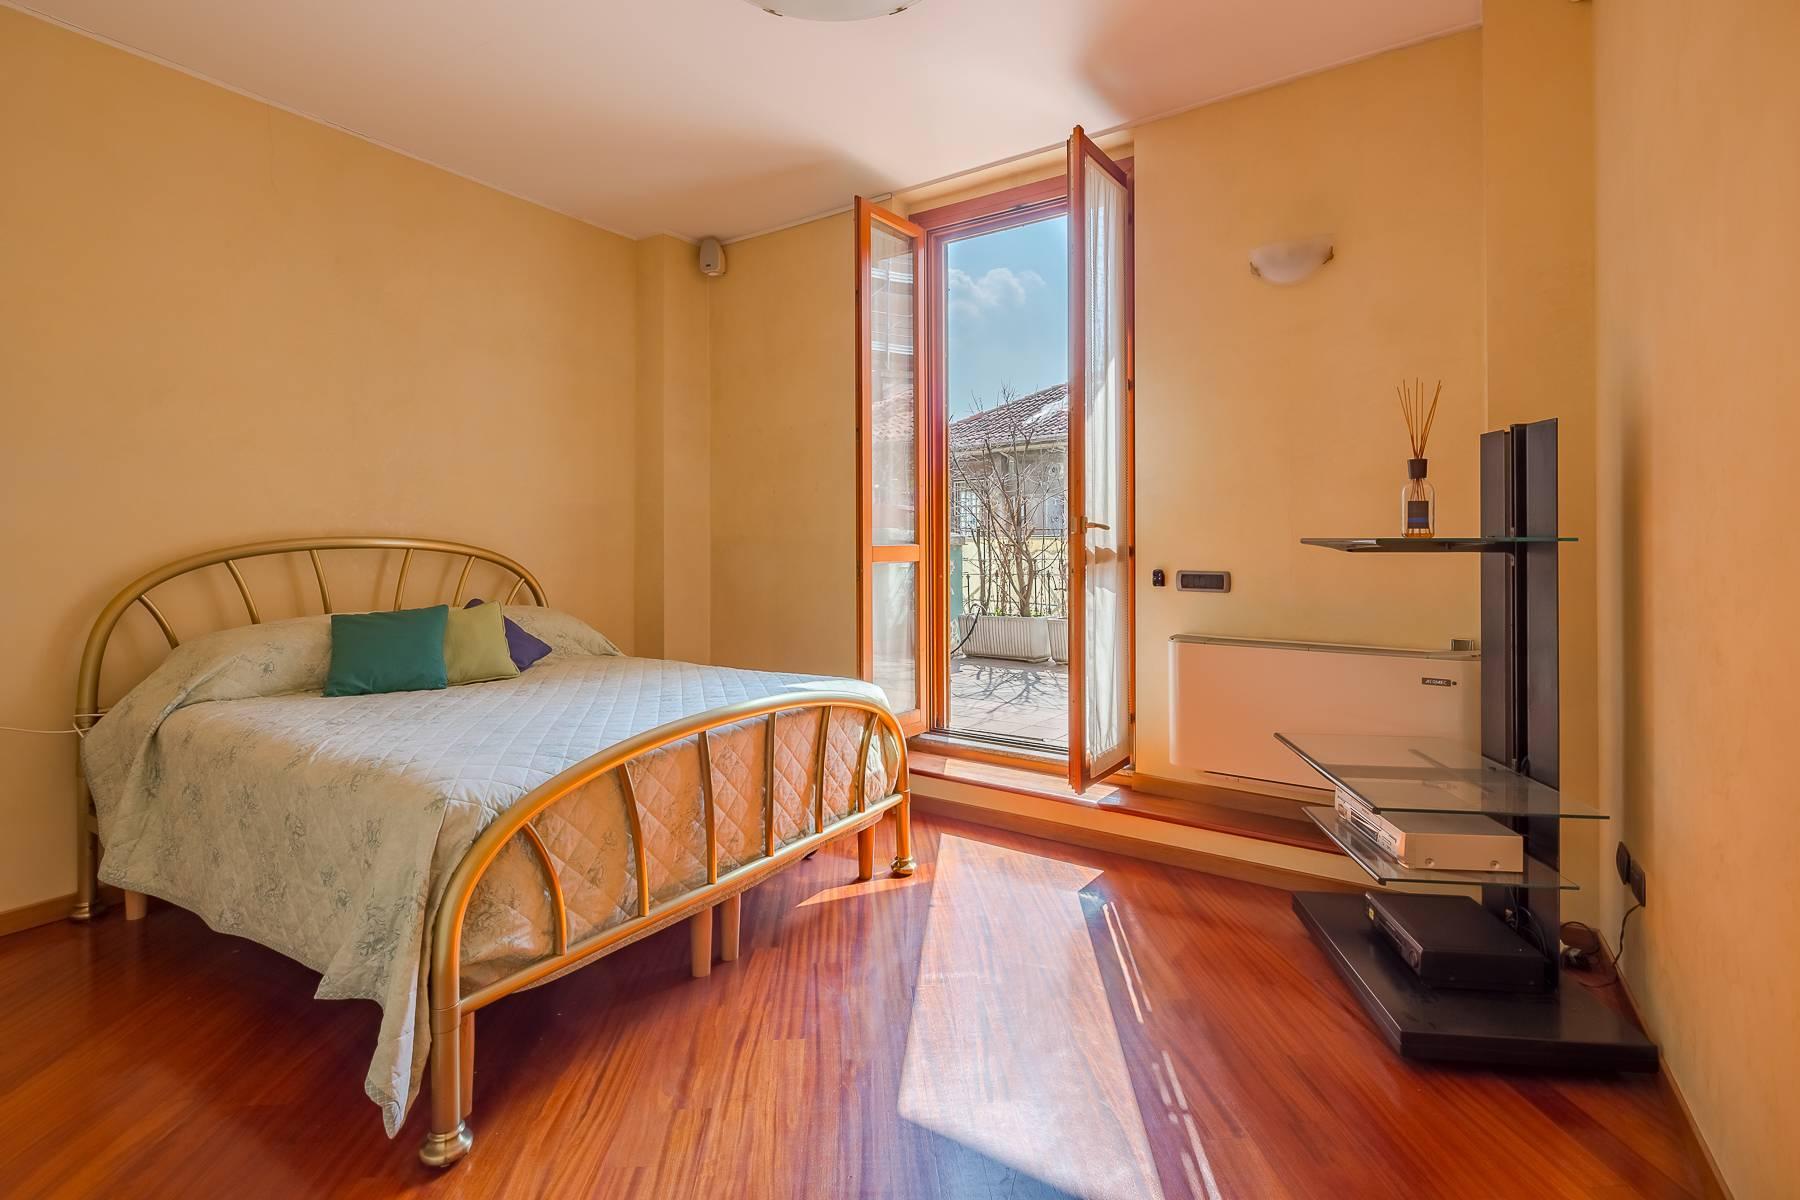 Appartamento di charme con terrazzo a pochi passi dal Duomo - 8